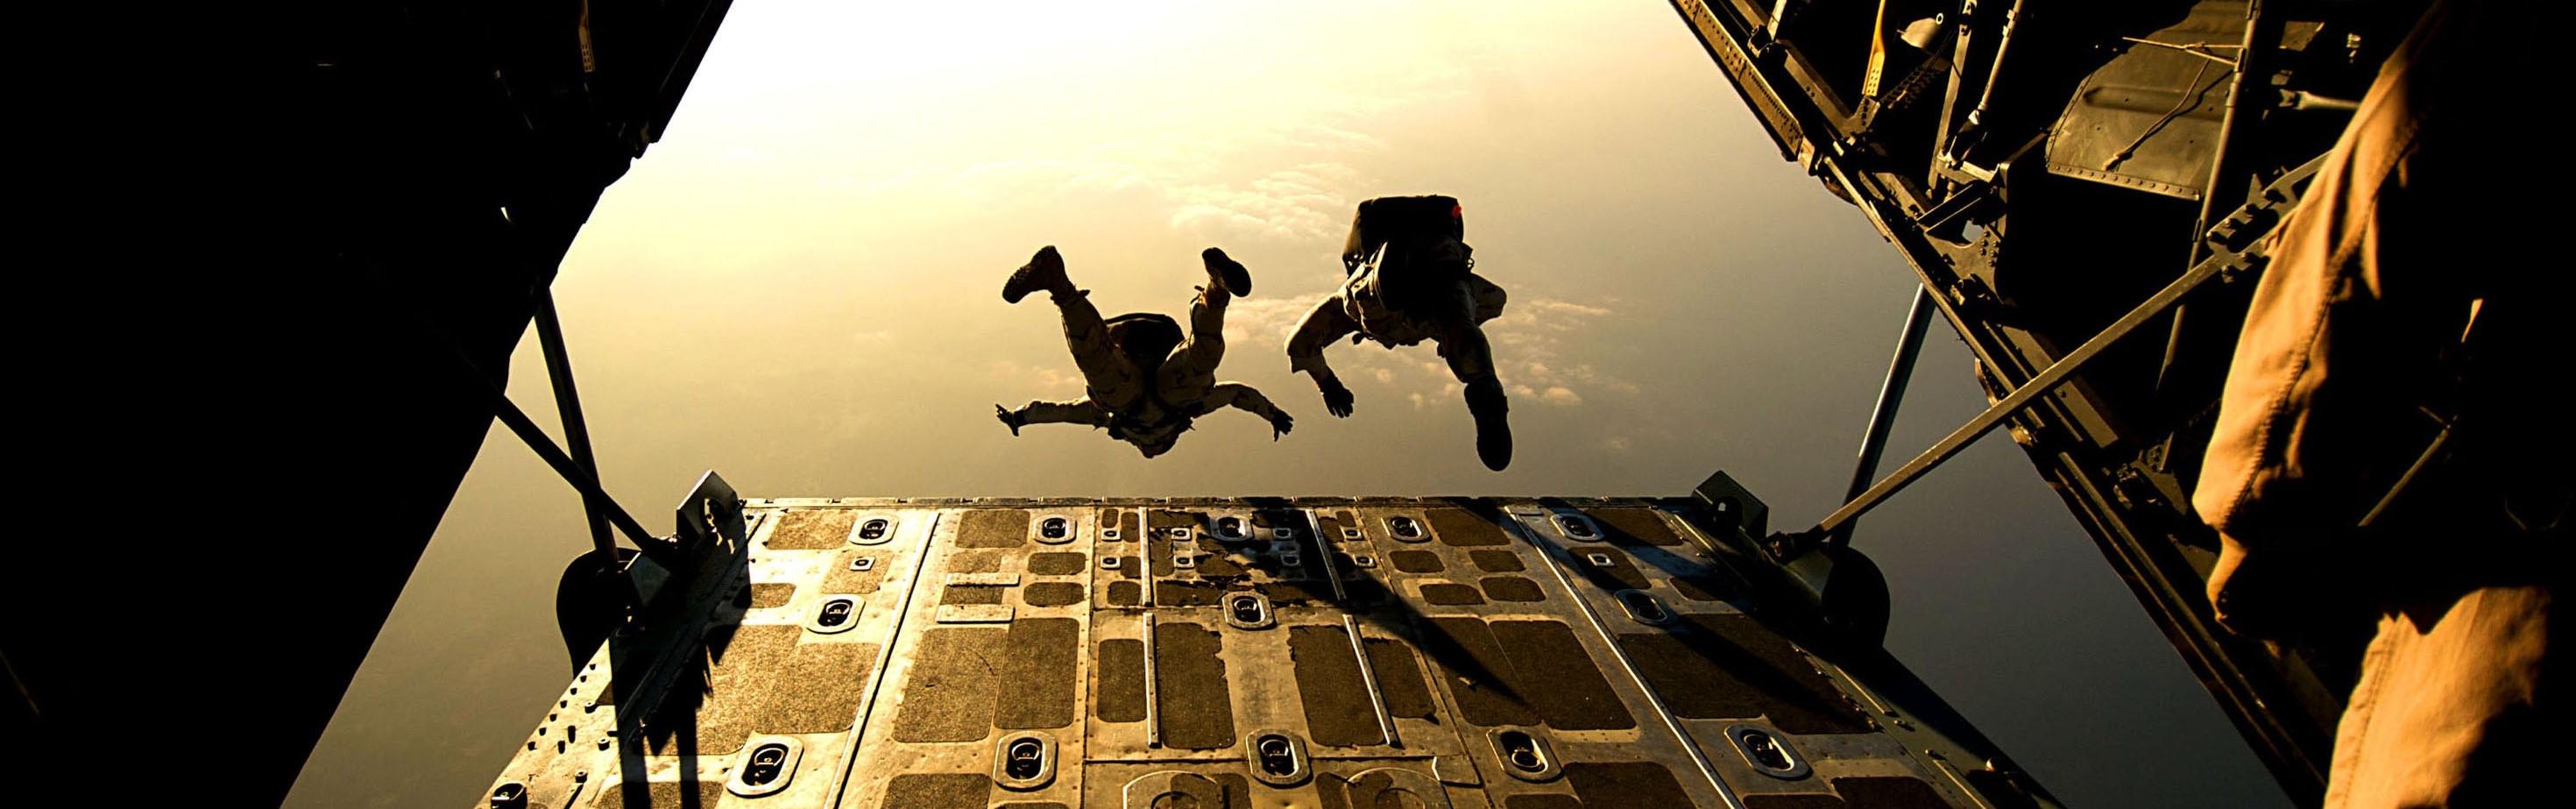 parachute-skydiving-parachuting-jumping-38447.jpeg